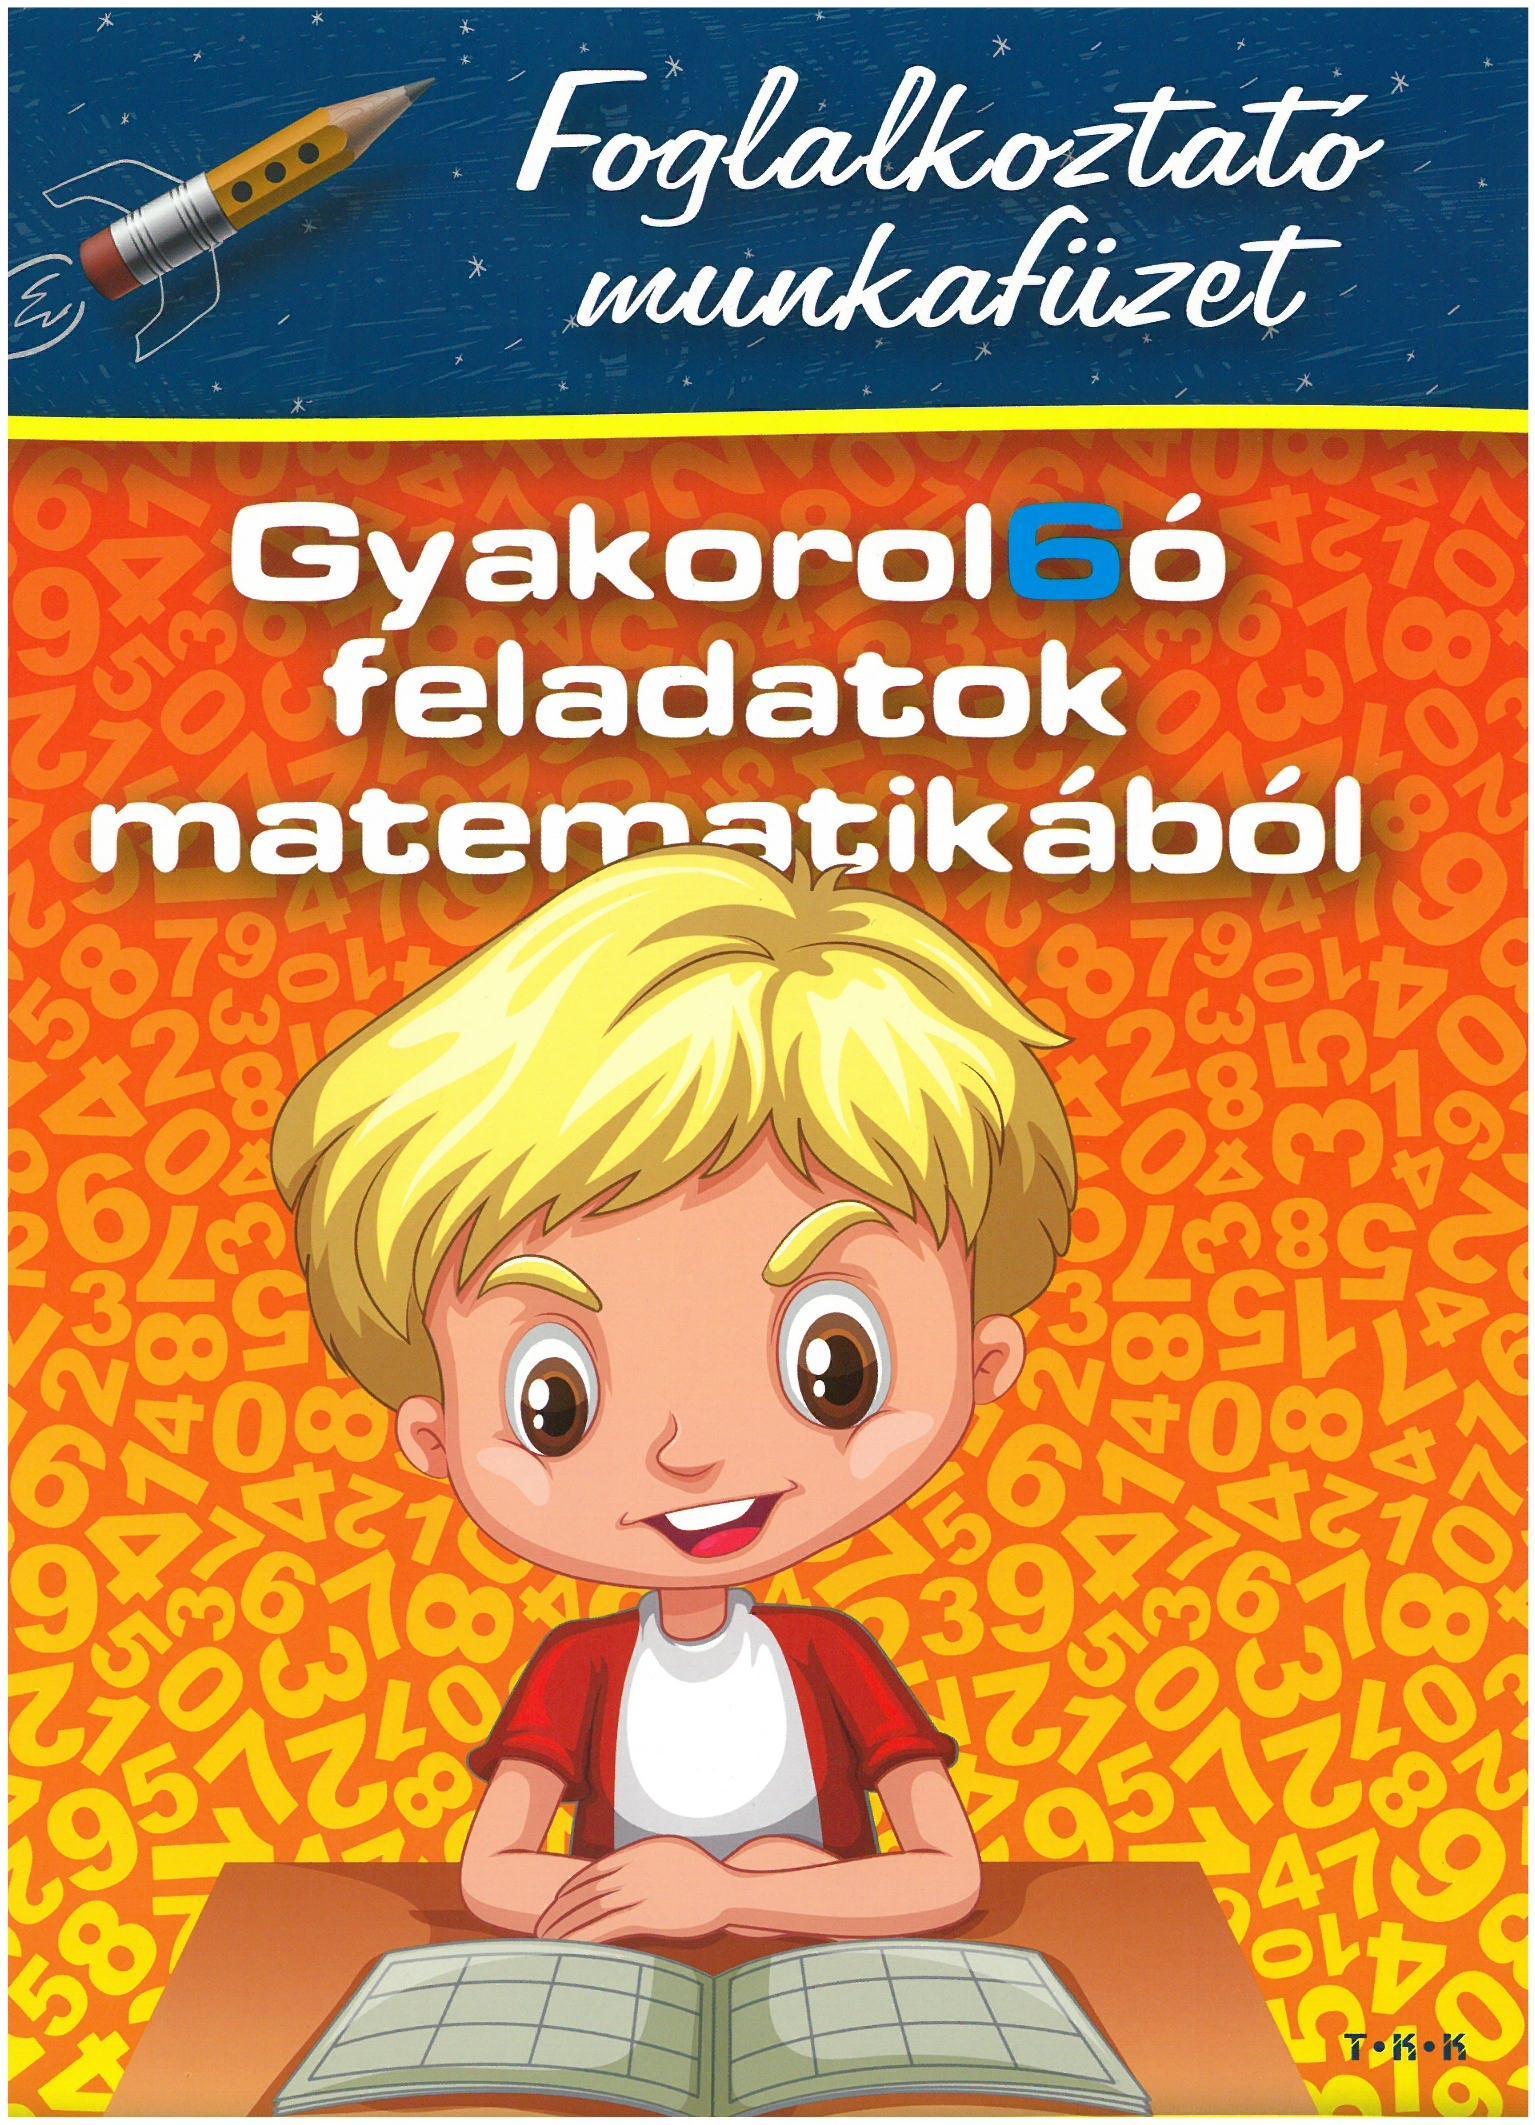 GYAKOROL6Ó FELADATOK MATEMATIKÁBÓL 2. OSZT. - FOGLALKOZTATÓ MUNKAFÜZET